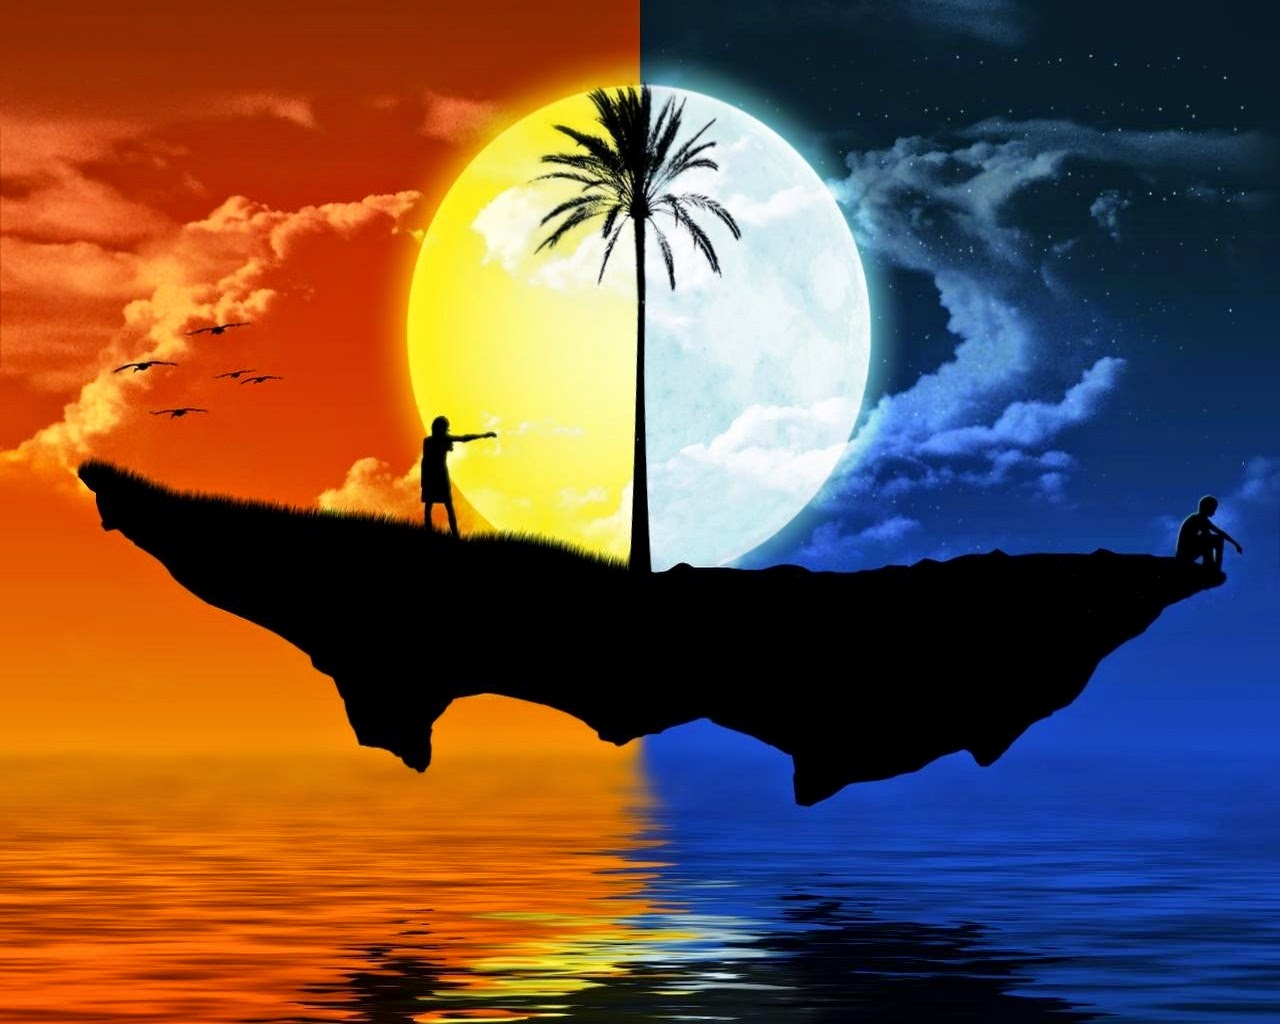 sol-y-tierra-paisajes-de-sol-y-luna